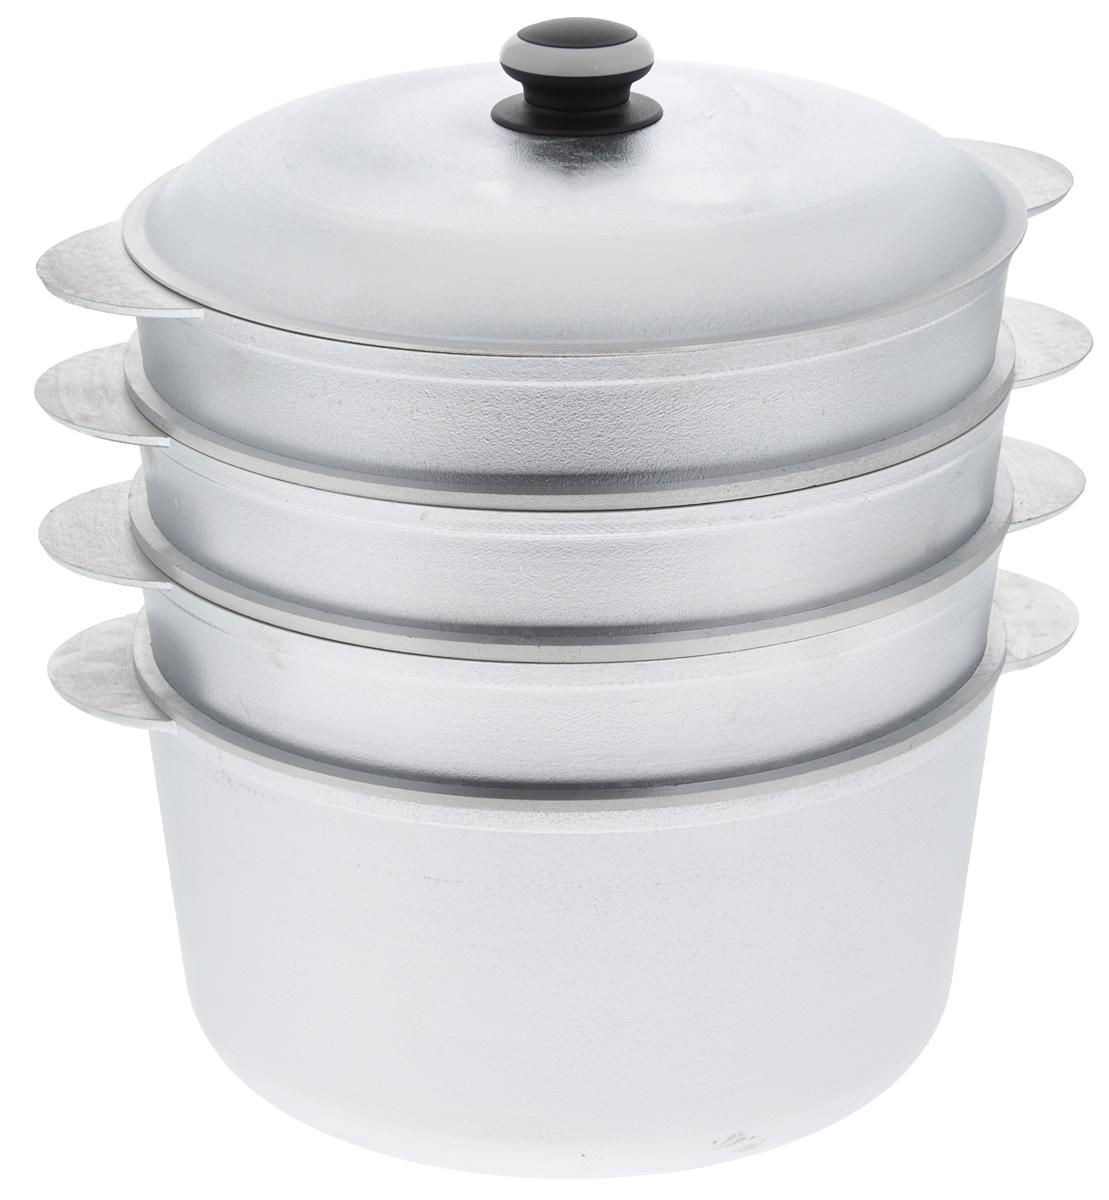 Мантоварка Катюша с крышкой, 3-уровневая, 8 лмк80/3Мантоварка Катюша изготовлена из высококачественного алюминия, что делает посуду износостойкой, прочной и практичной. Глубина уровней изделия, диаметр отверстий и объем специально предназначены для приготовления мантов. В мантоварке также можно готовить и другие блюда: овощи, котлеты или пельмени. Готовить на пару очень просто, продукты не пригорают и не склеиваются, а готовое блюдо выходит рассыпчатым и ароматным. Питательные элементы и витамины не растворяются в воде, а остаются в продуктах. Еда получается не только полезной, но и по-настоящему вкусной. Нижнюю часть манотоварки можно использовать как казан. Казаном принято называть большую кастрюлю толстыми стенками и выпуклым овальным дном. В казане можно приготовить много самых разнообразнейших блюд восточной кухни, но, наверное, самое известное и распространенное блюдо, которое приготавливается в казане, это любимый многими плов. Подходит для газовых и электрических плит. ...